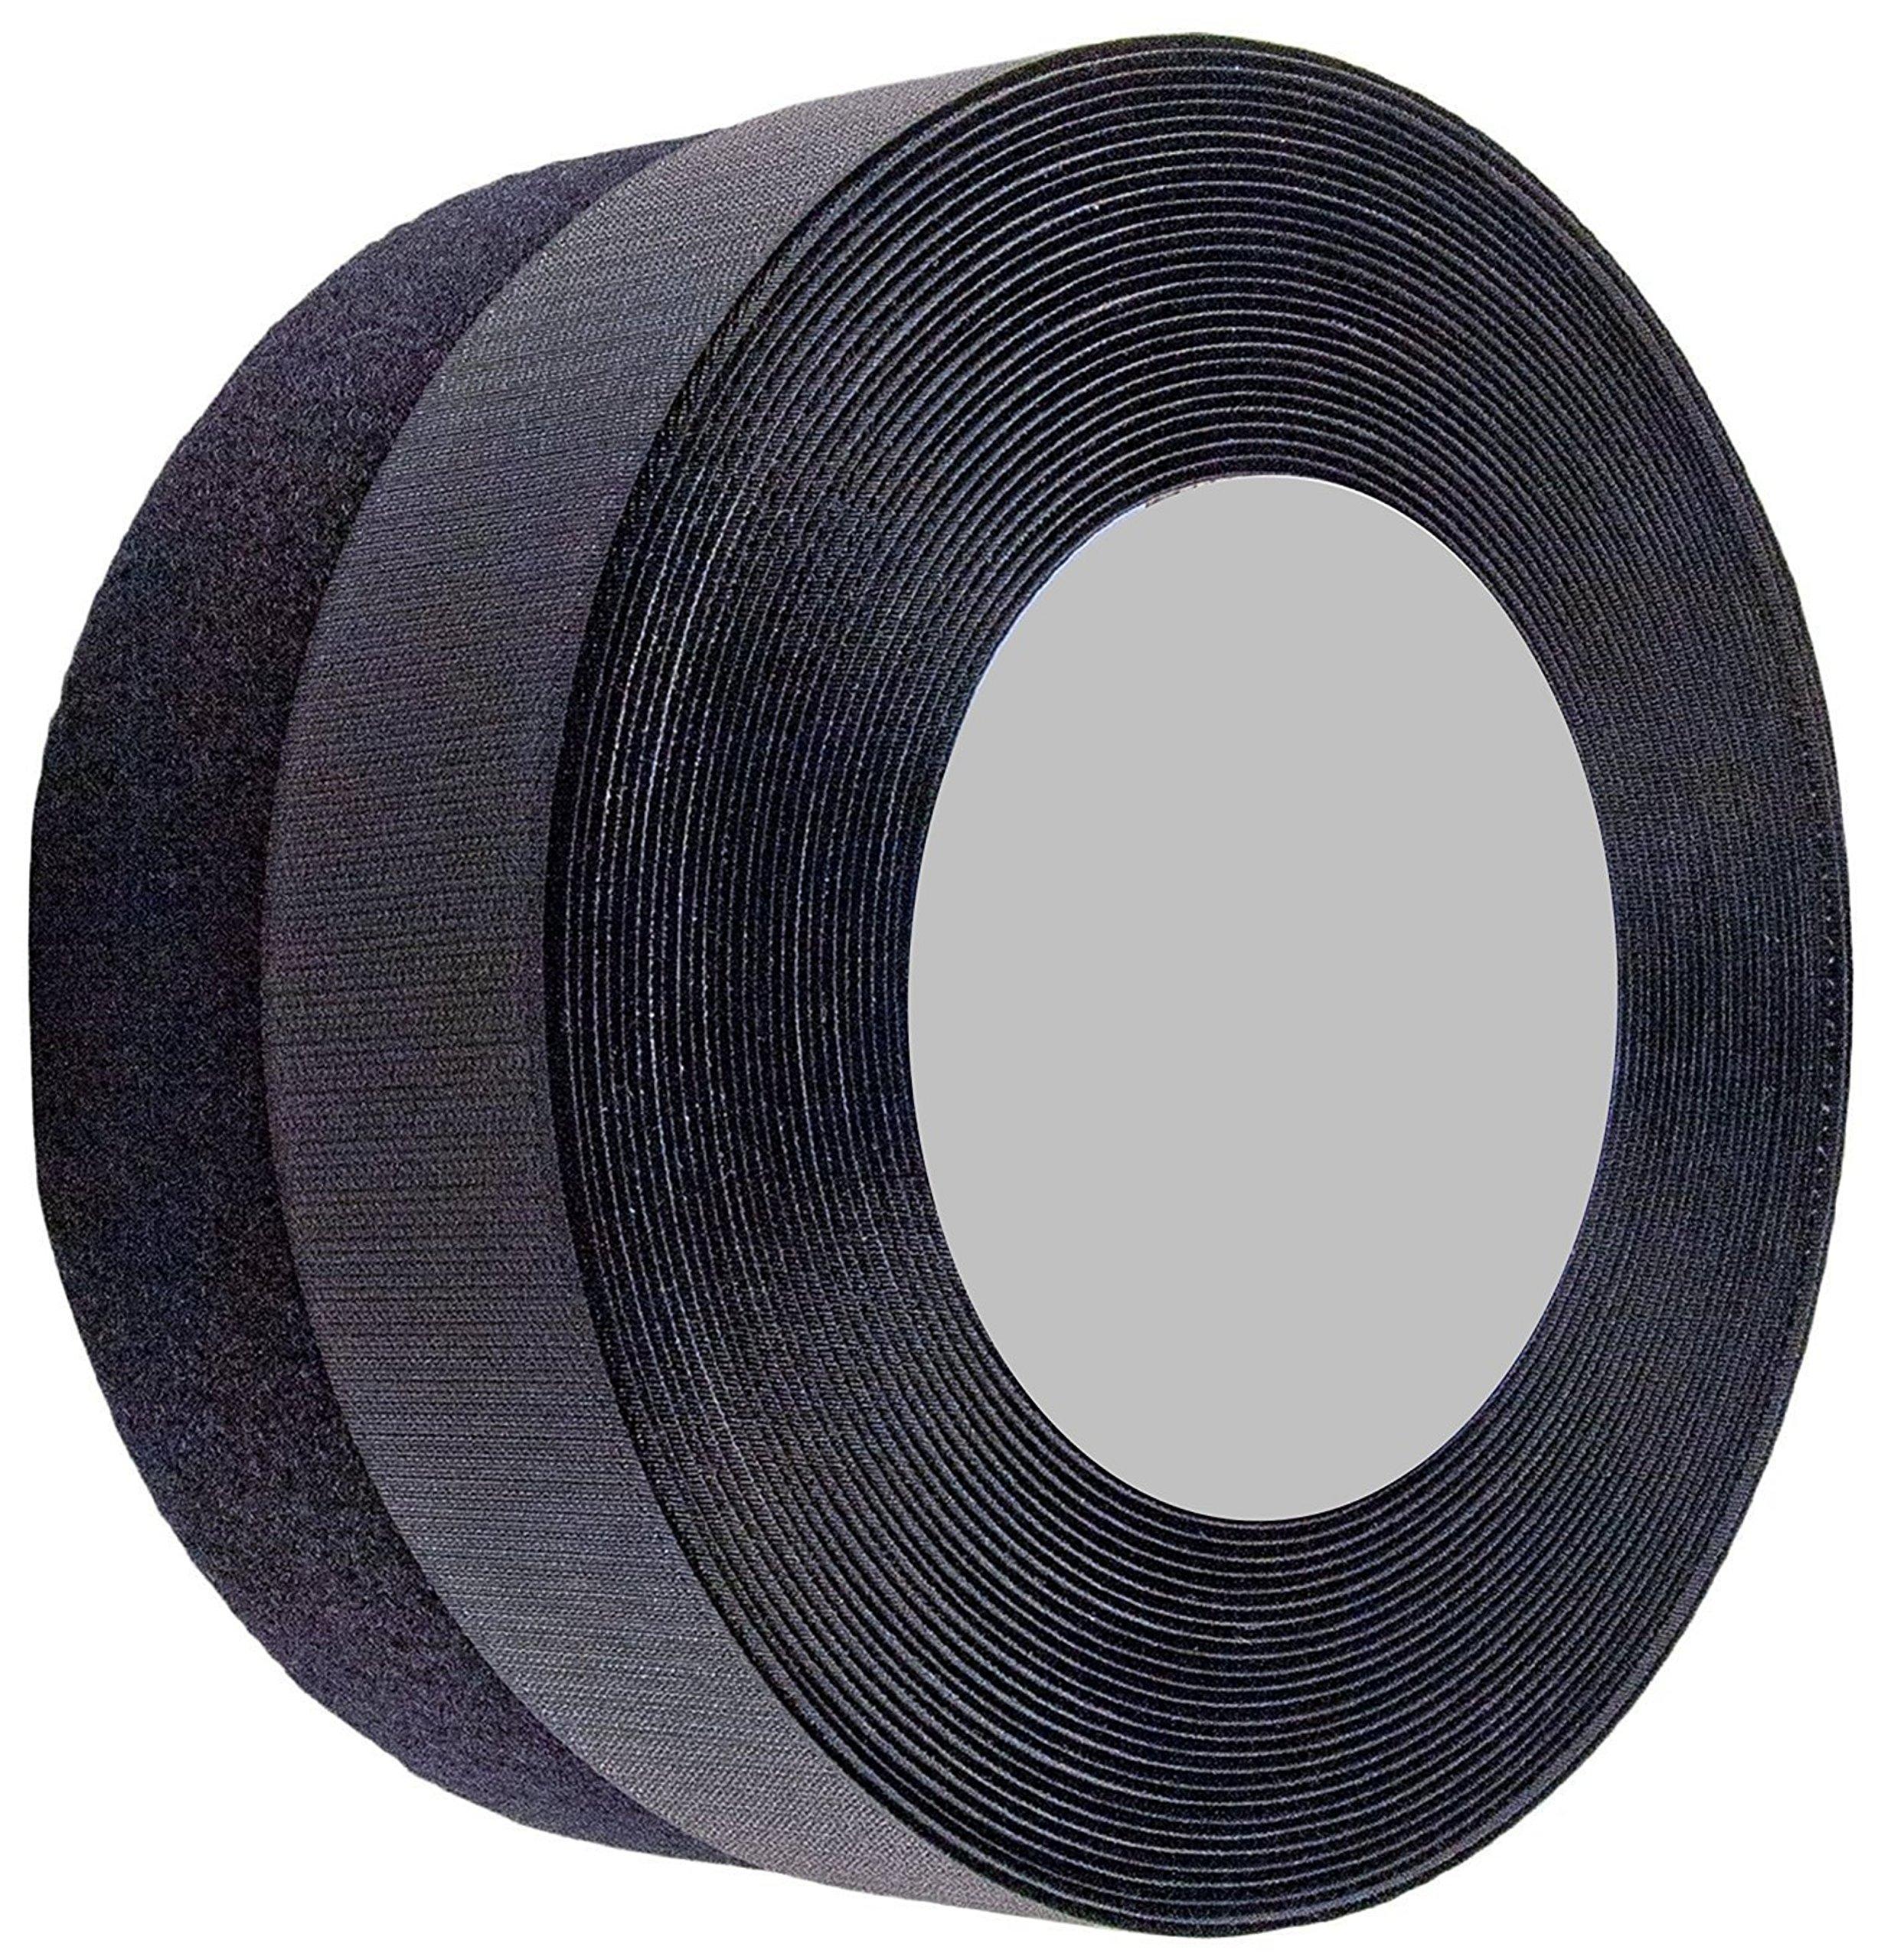 Sea Star 2 inch 26 Yards black Sew on Hook and Loop Sew On Fasteners(26 yards, black) by SeaStar